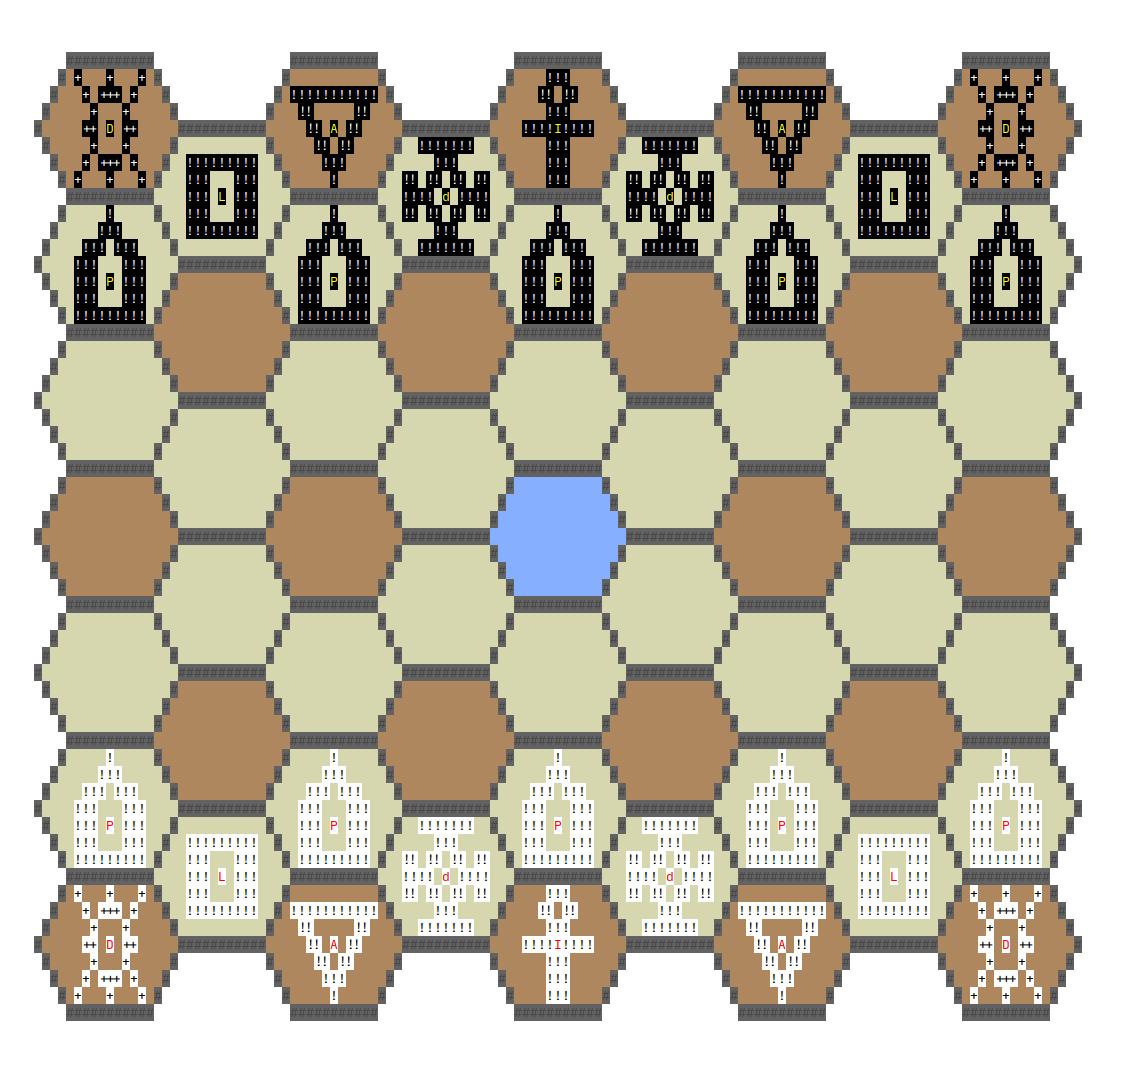 4 угла хорошо, а 6 лучше: гексагональные шахматы в консоли и с ботом - 1